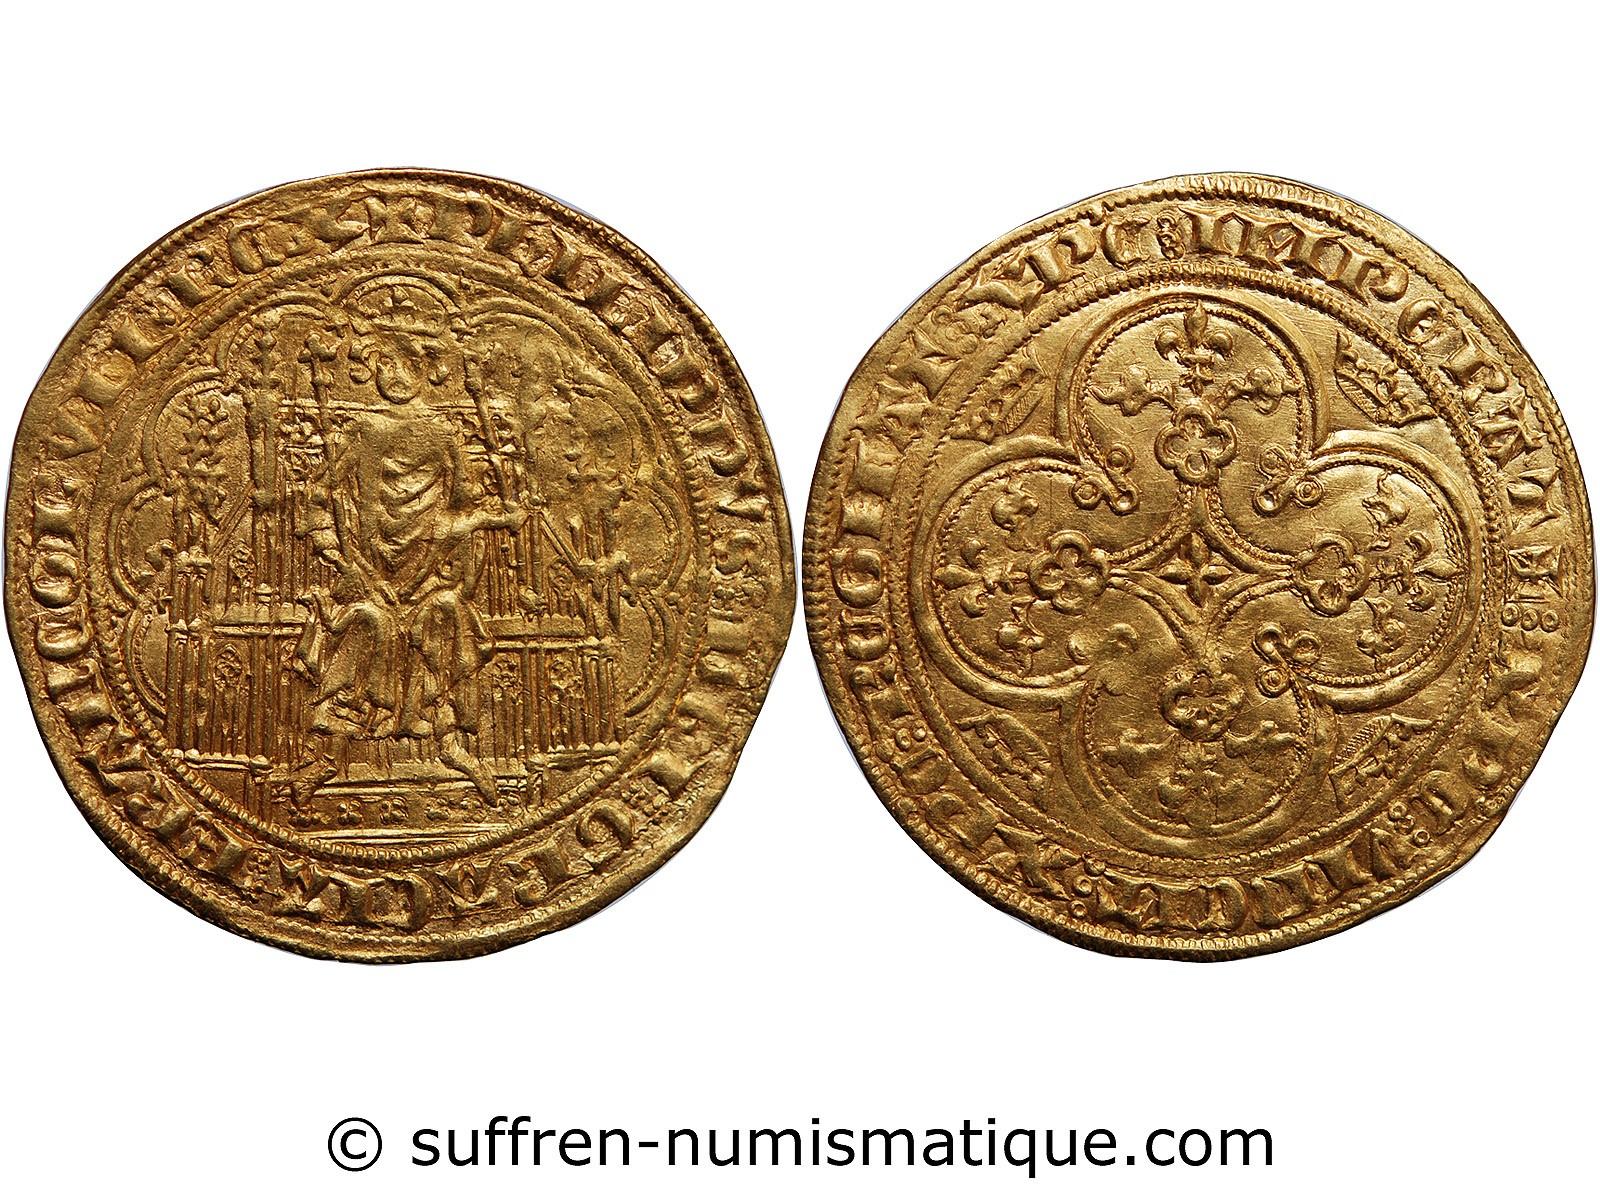 philippe vi de valois chaise d 39 or a la chaise 1328 1350 vente monnaie monnaies hugues. Black Bedroom Furniture Sets. Home Design Ideas